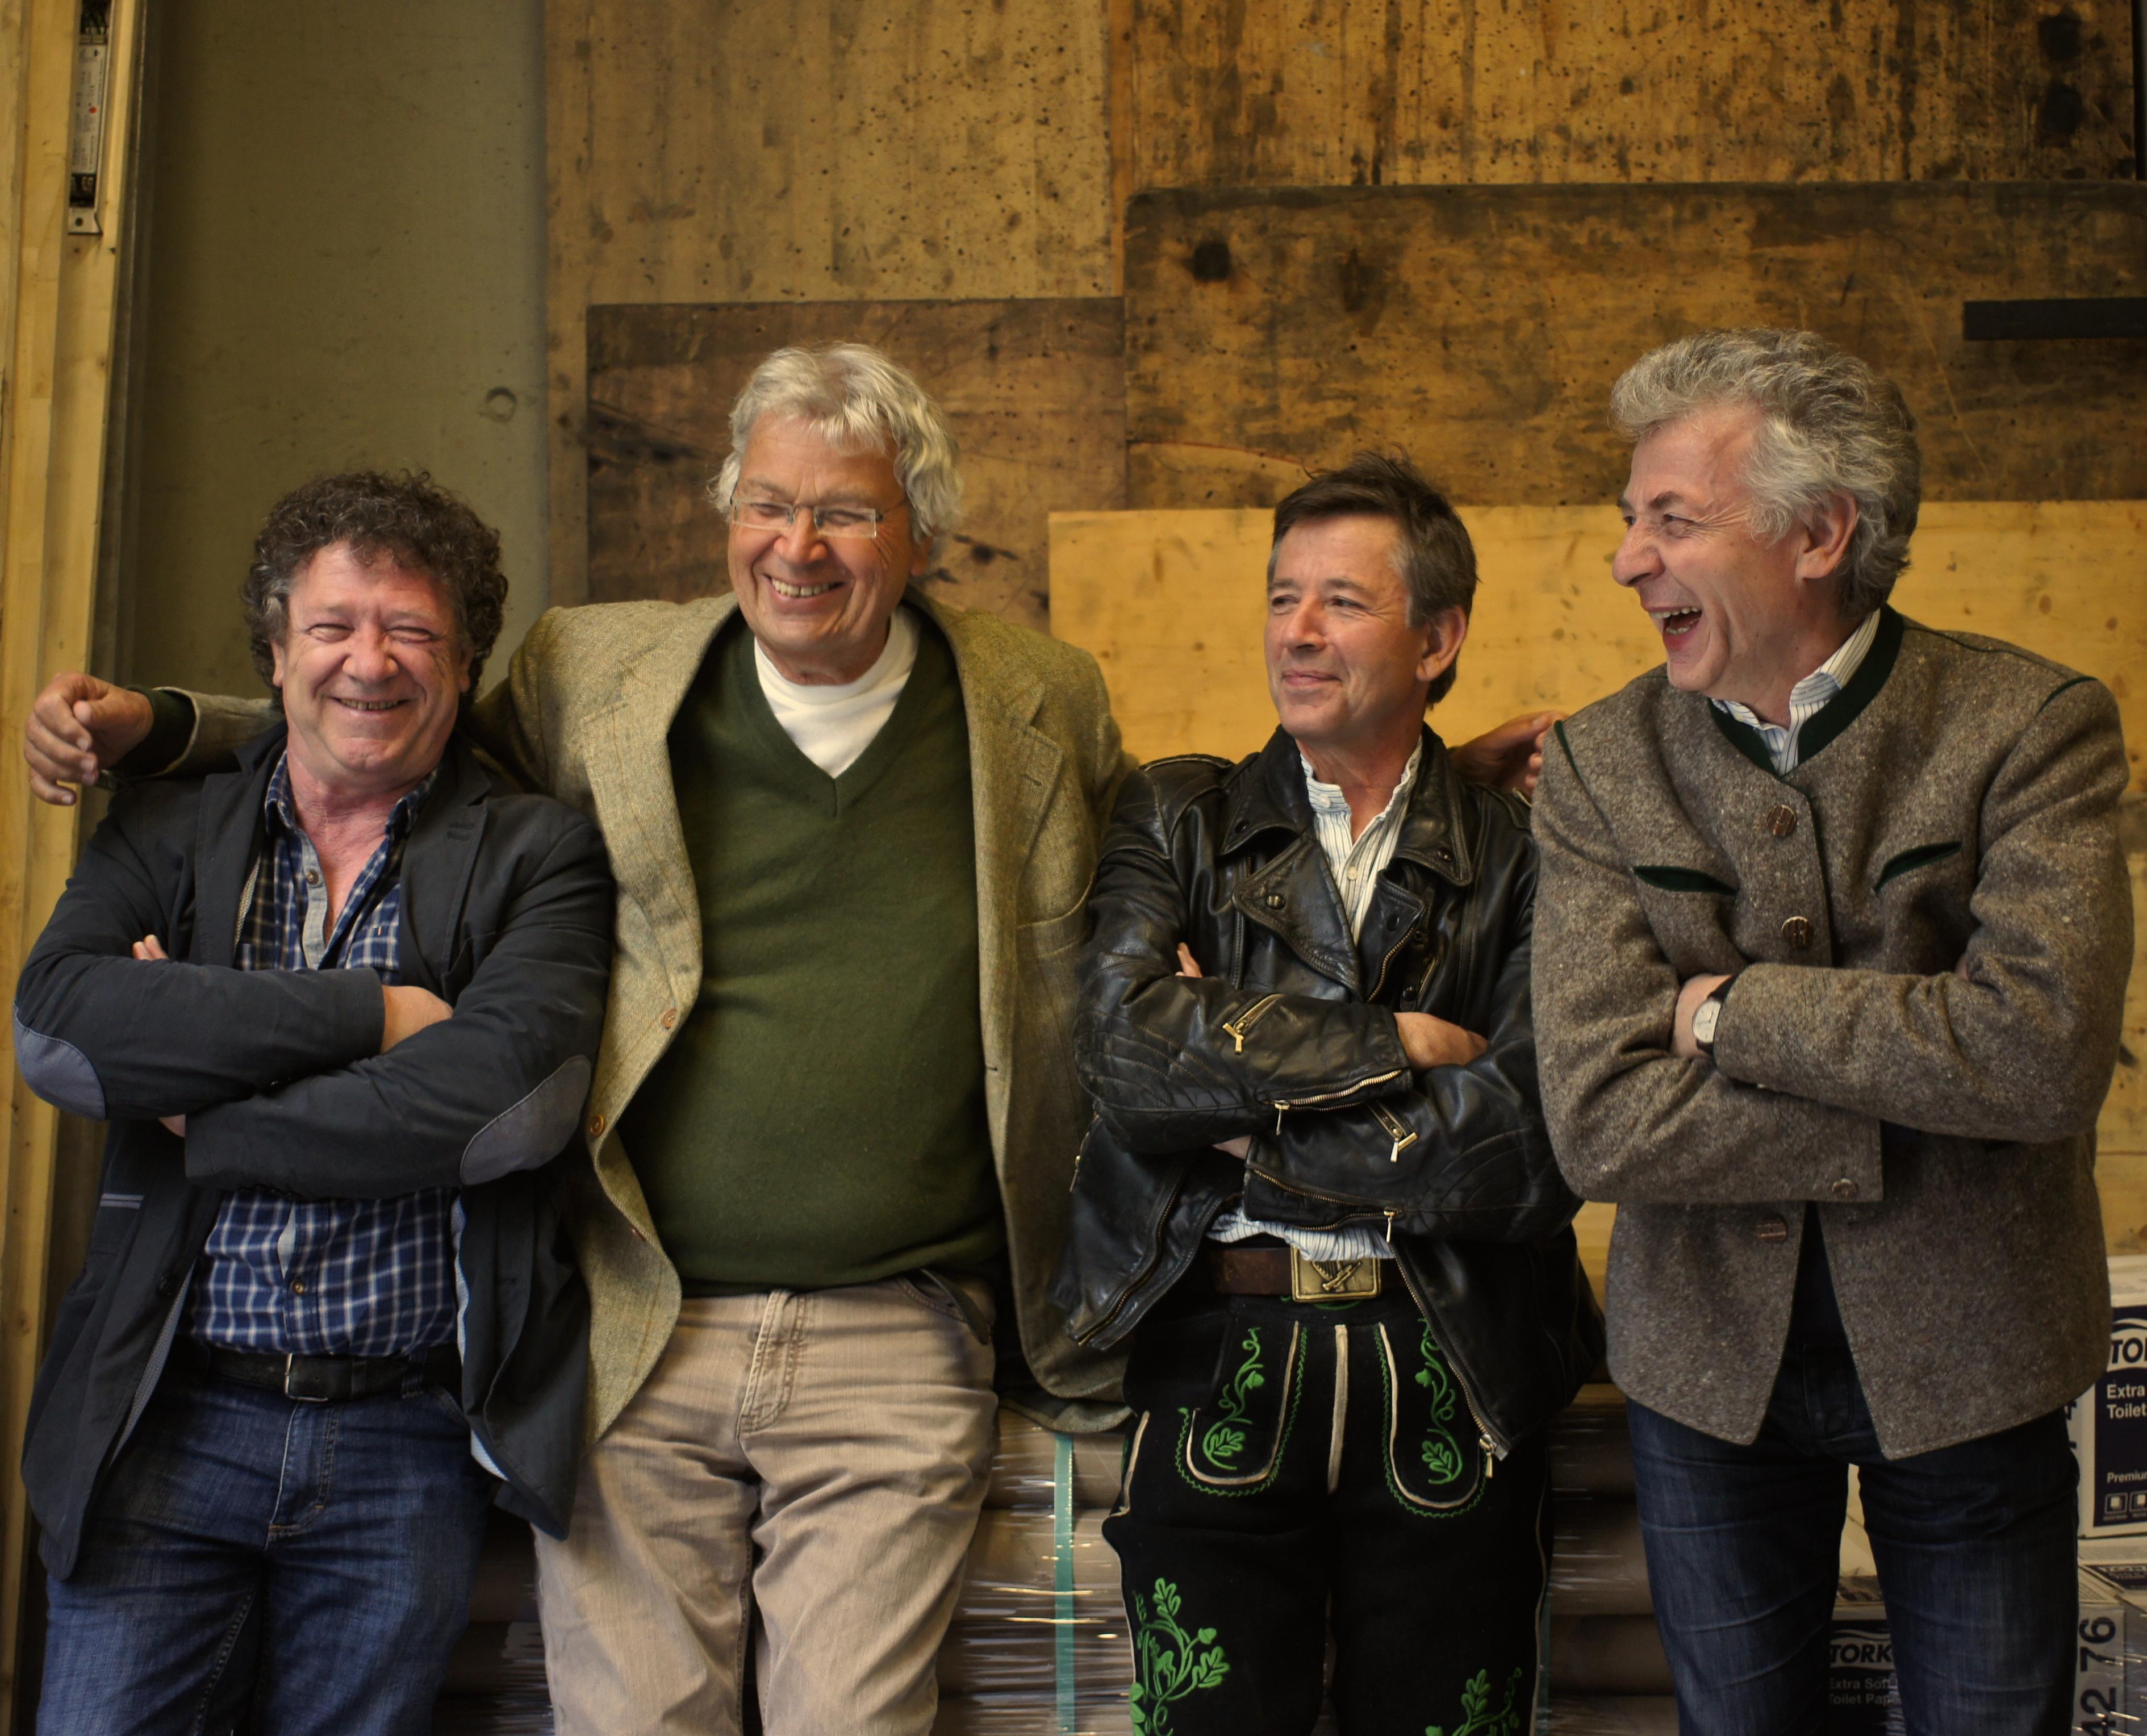 Gerhard Polt & die Well-Brüder aus'm Biermoos Foto: wellbrueder.de Abdruck bei Nennung des Fotocredits honorarfrei